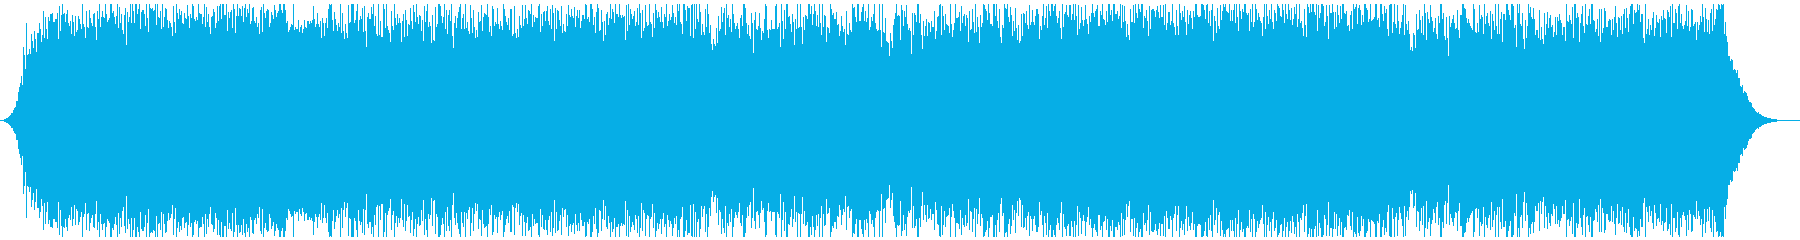 爽やかオープニング映像に ピアノロックの再生済みの波形